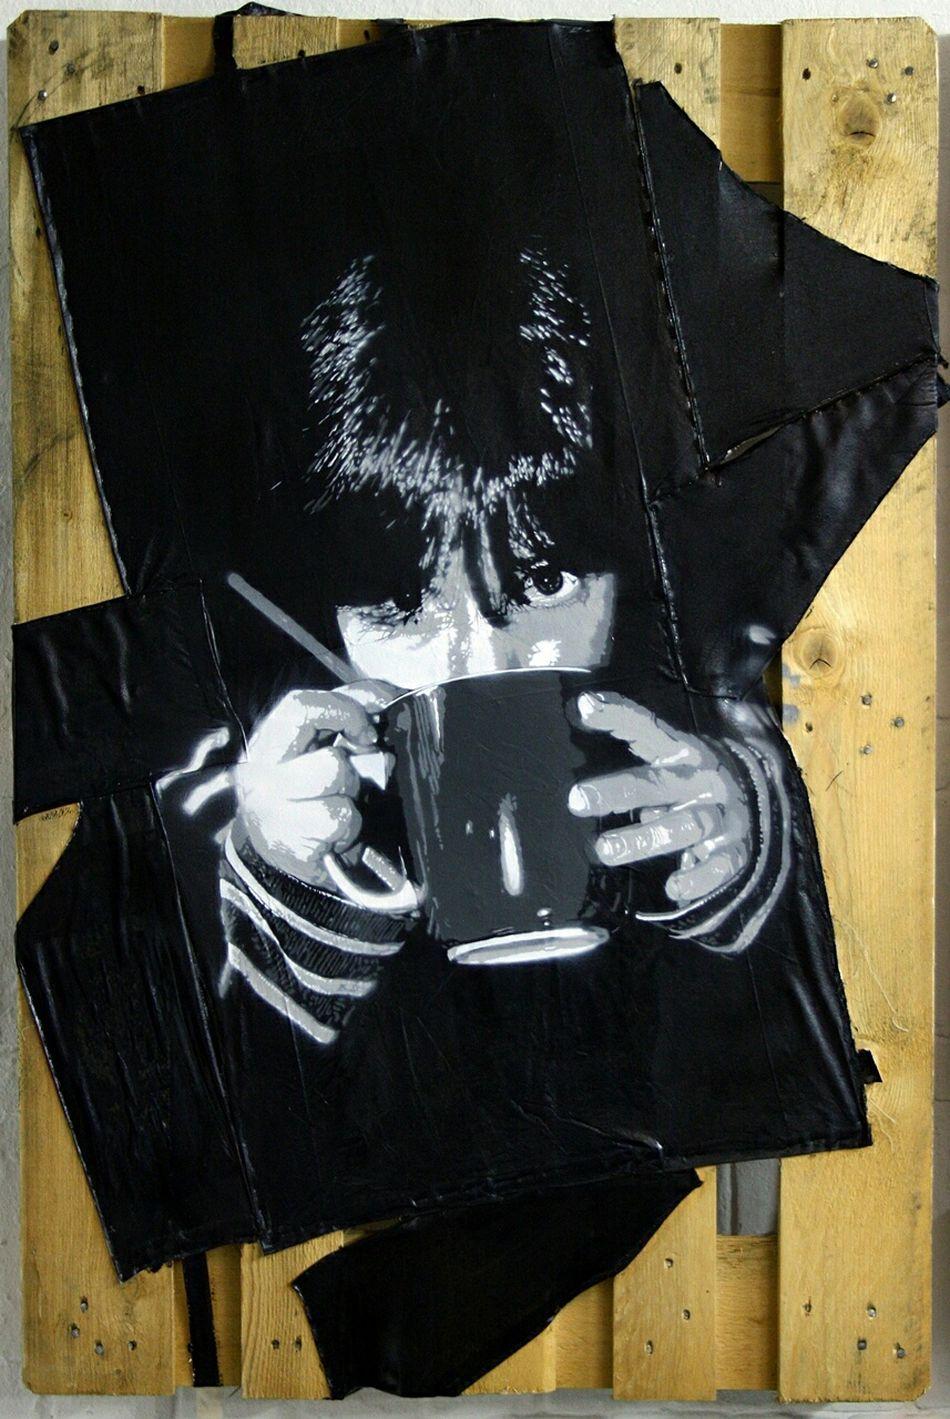 """Aus meiner Stencil-Reihe """"Essen und Trinken"""" das Portrait 'LENA' - Sprühlack auf Leinentaschen/Europalette (120x80cm) Kunst EssenUndTrinken Foodporn Tee Trinken Stencilart Stencil Art Welovehh Hamburg StencilArtist"""